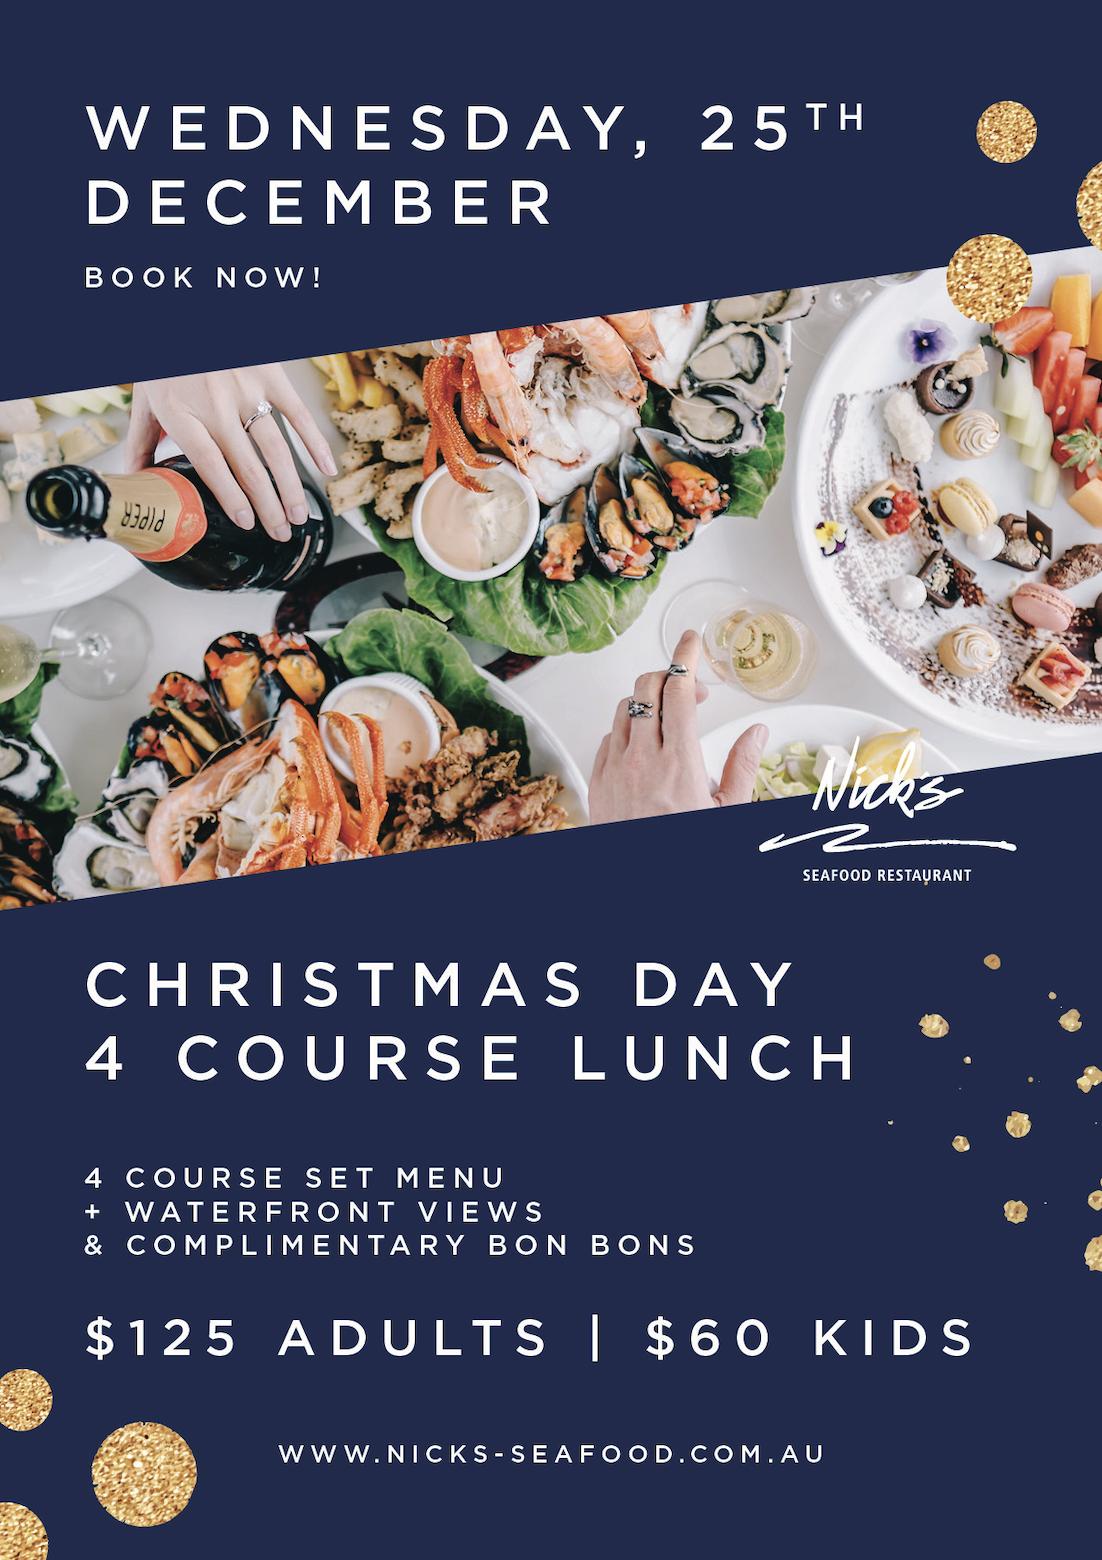 Christmas Dinner Restaurants Near Me 2019.Christmas At Nick S Seafood Restaurant Nick S Restaurant